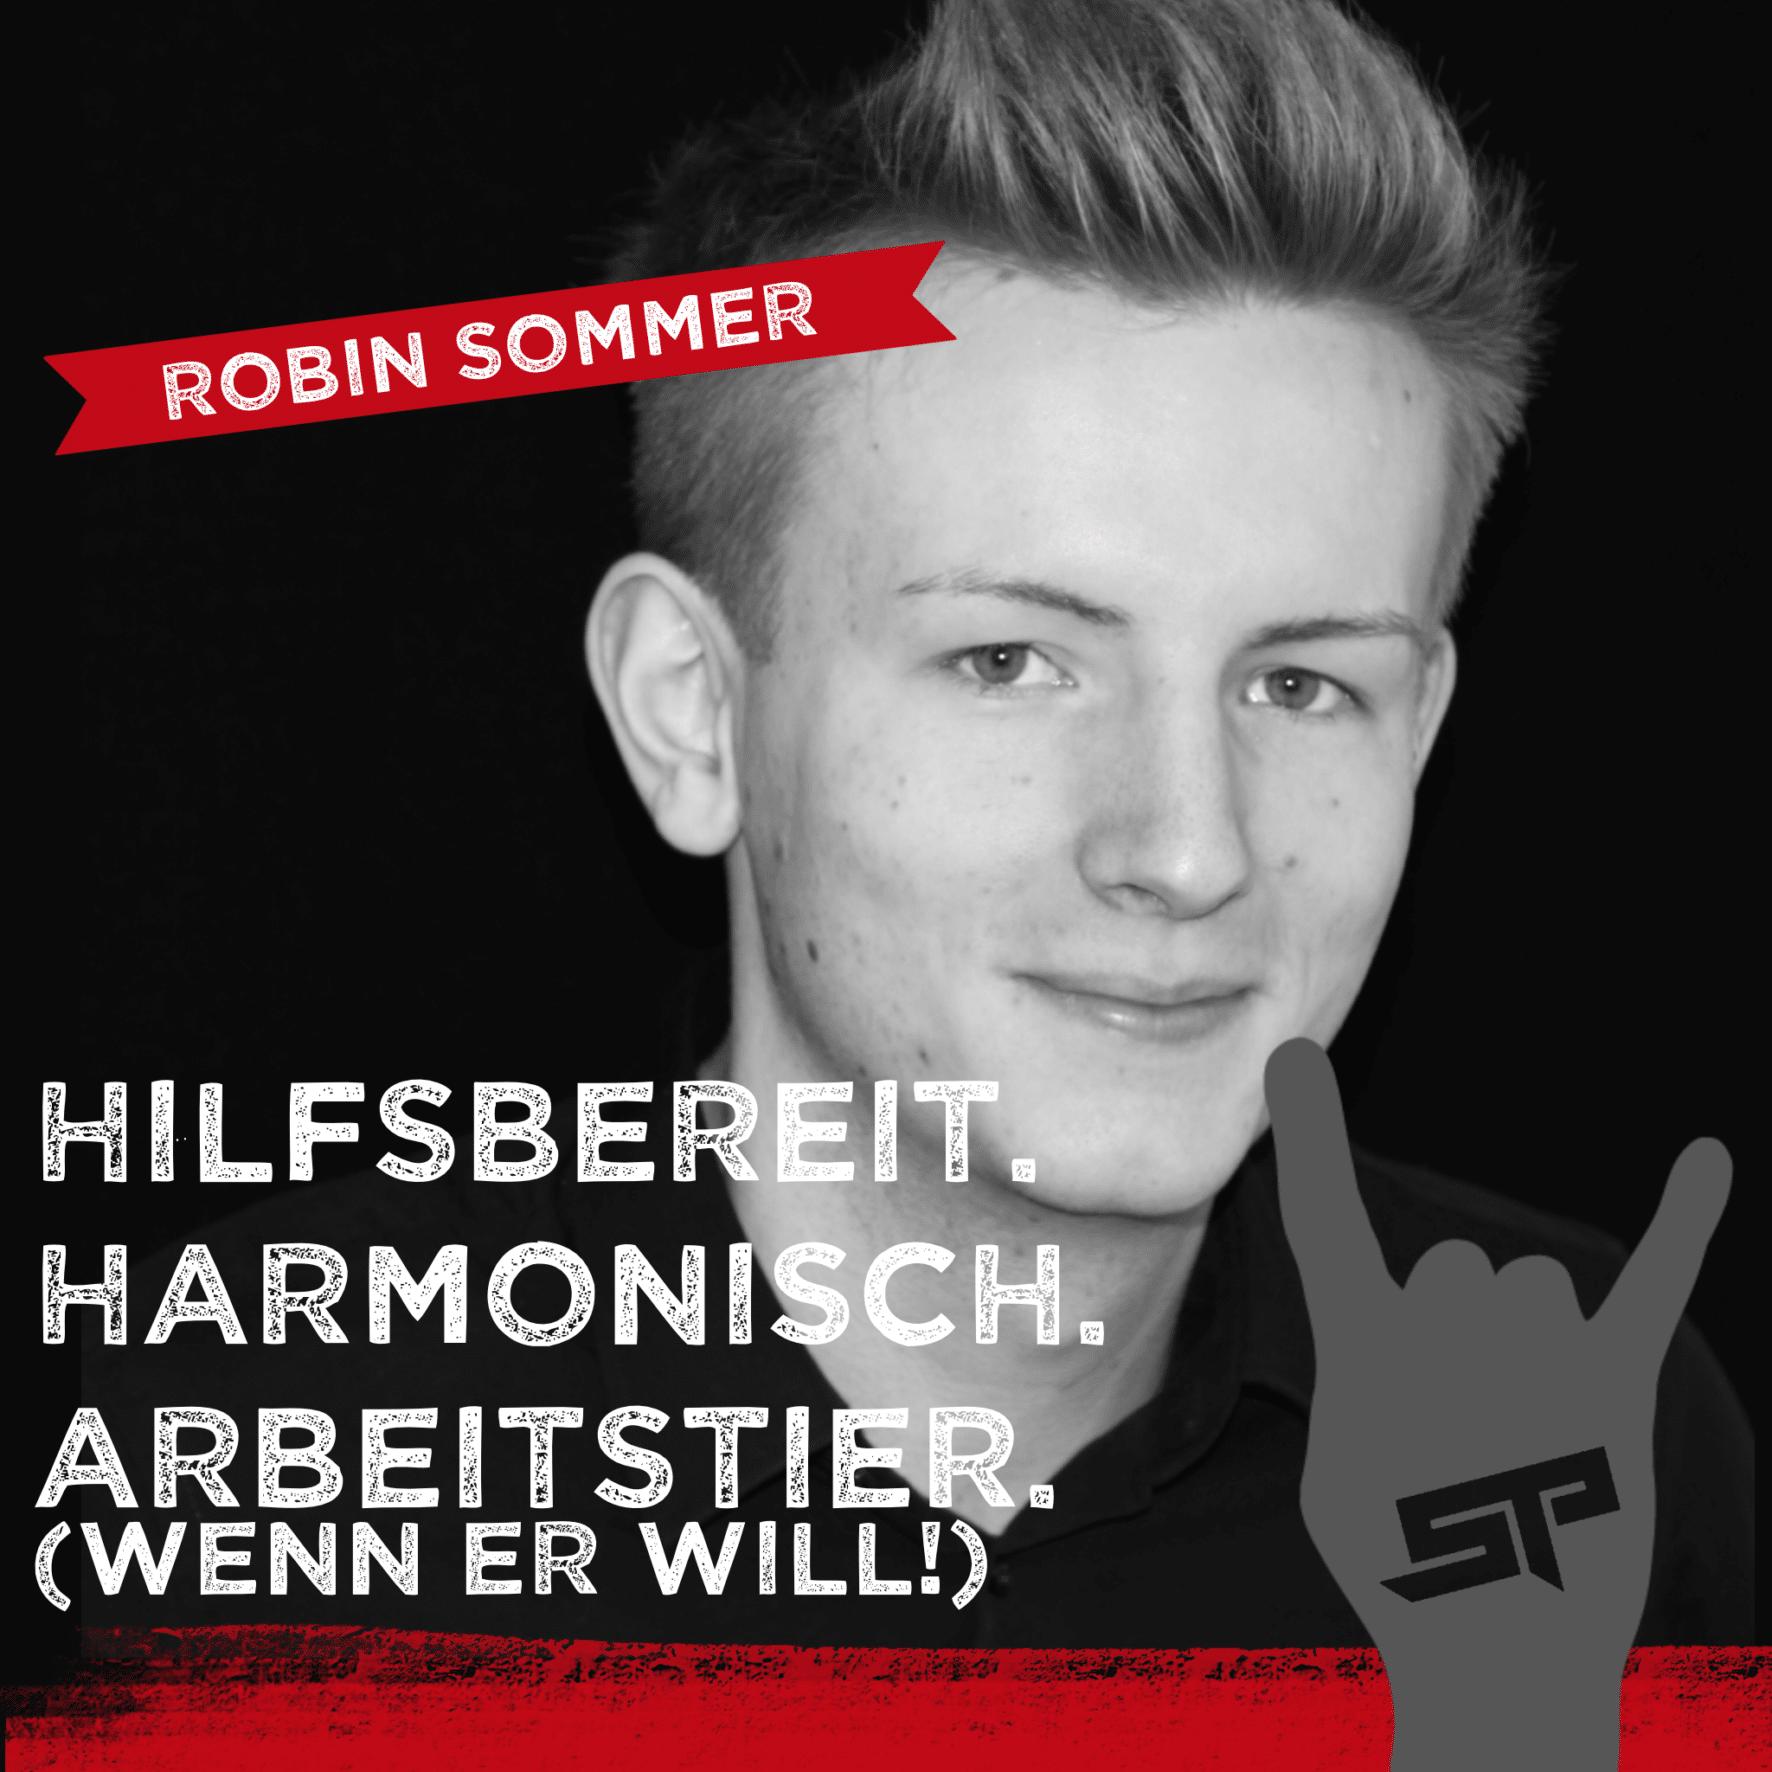 Robin Sommer - Hilfsbereit. harmonisch. Arbeitstier (wenn er will!)